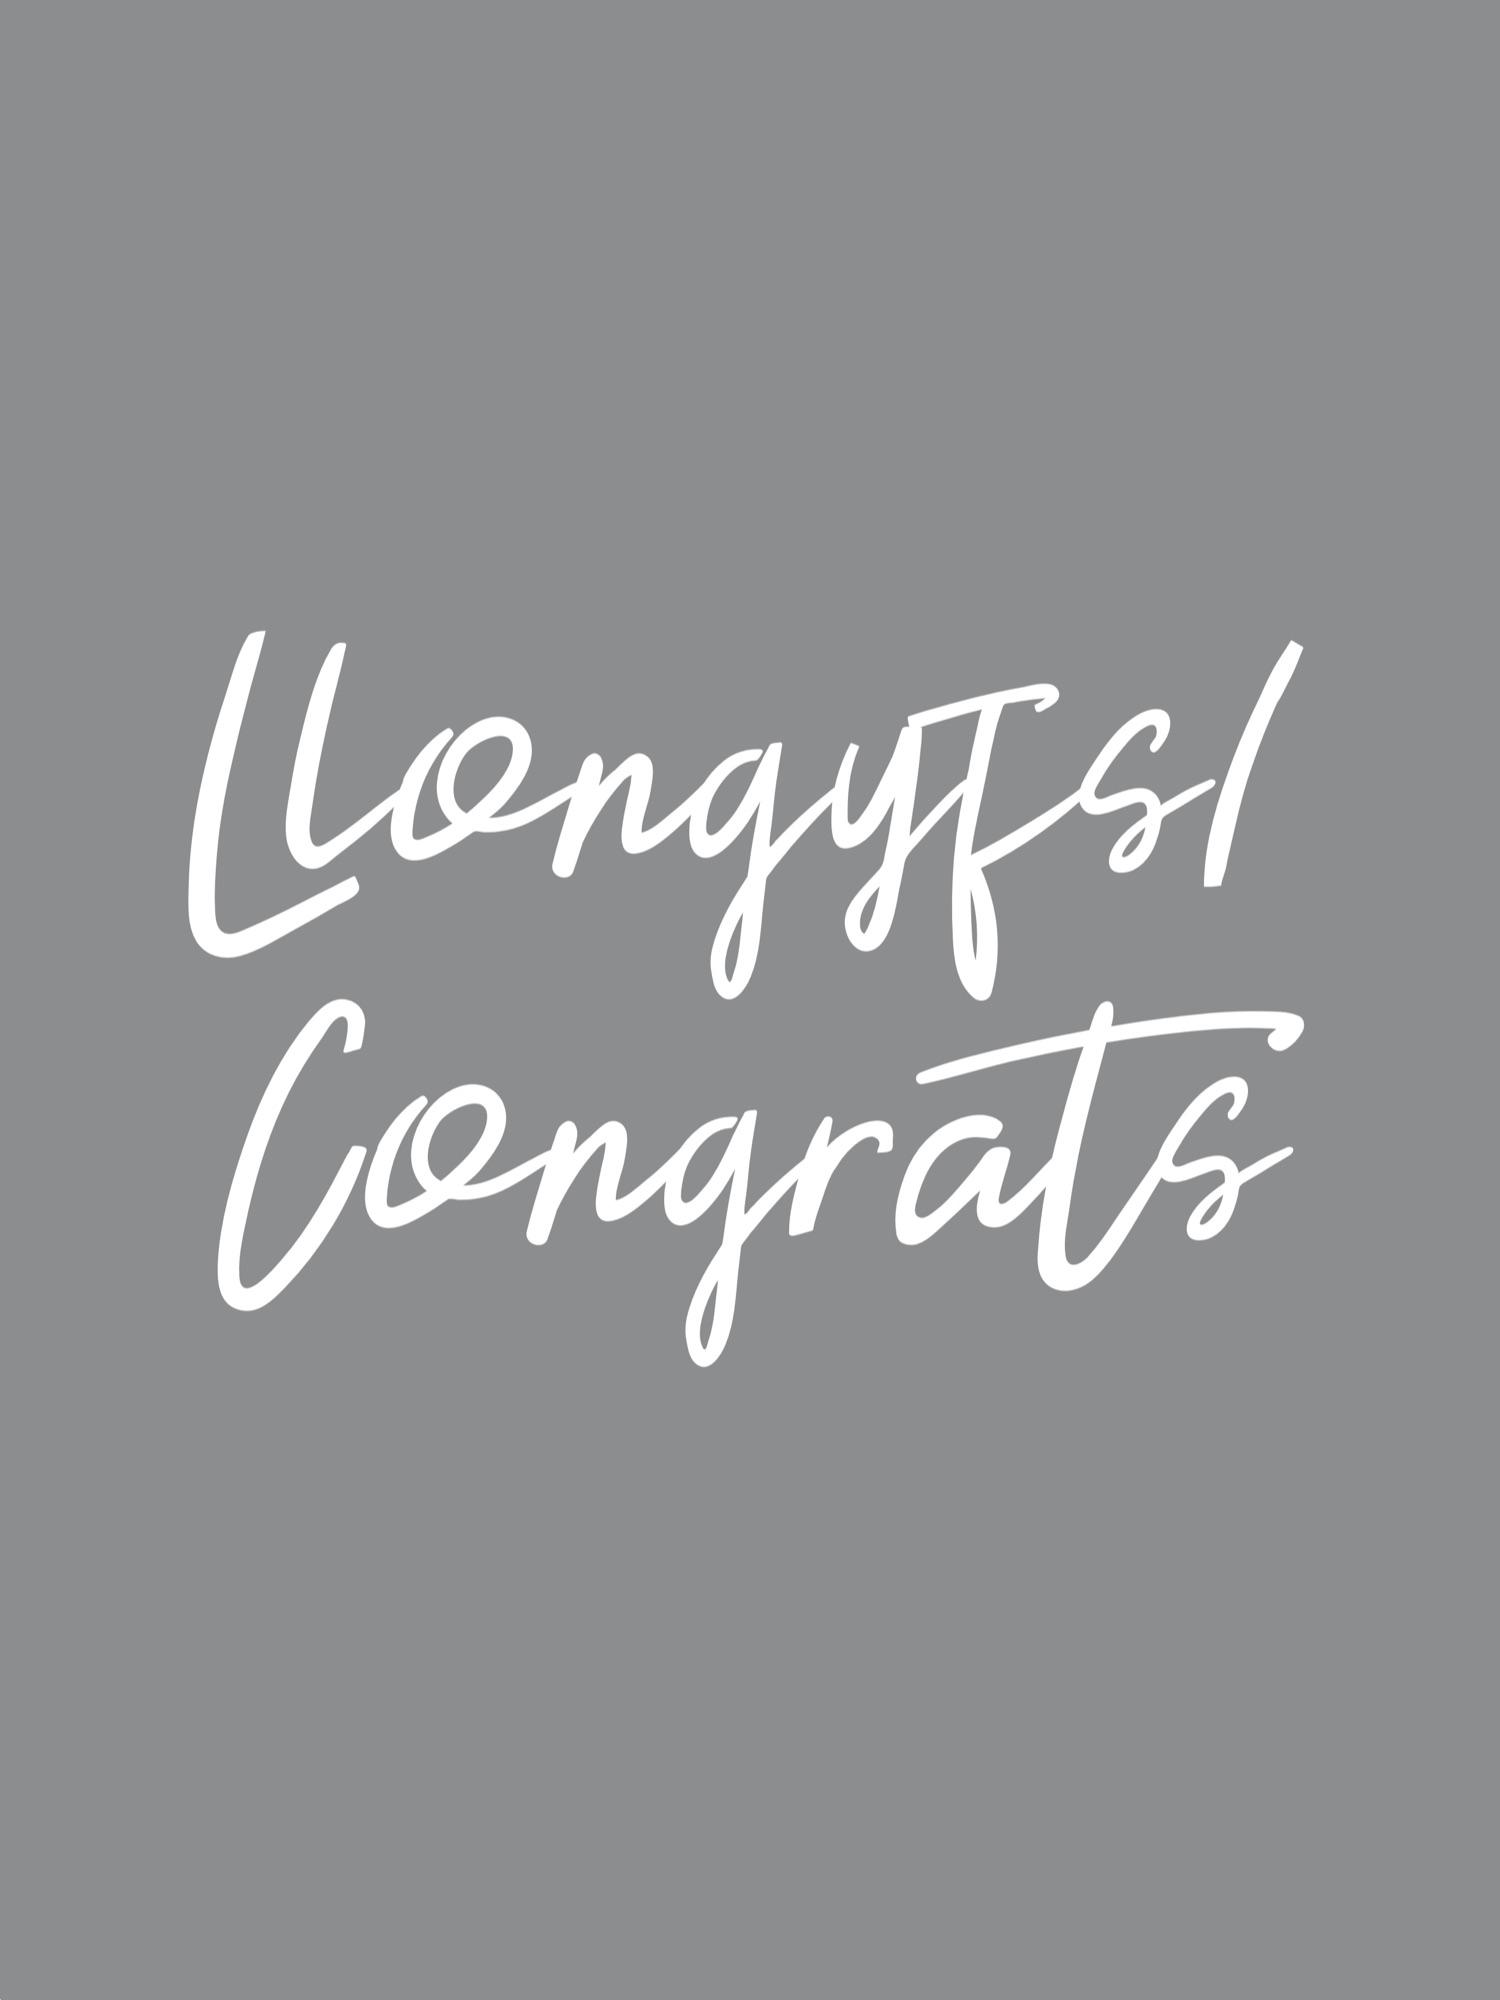 llongyfarchiadau and congratulations